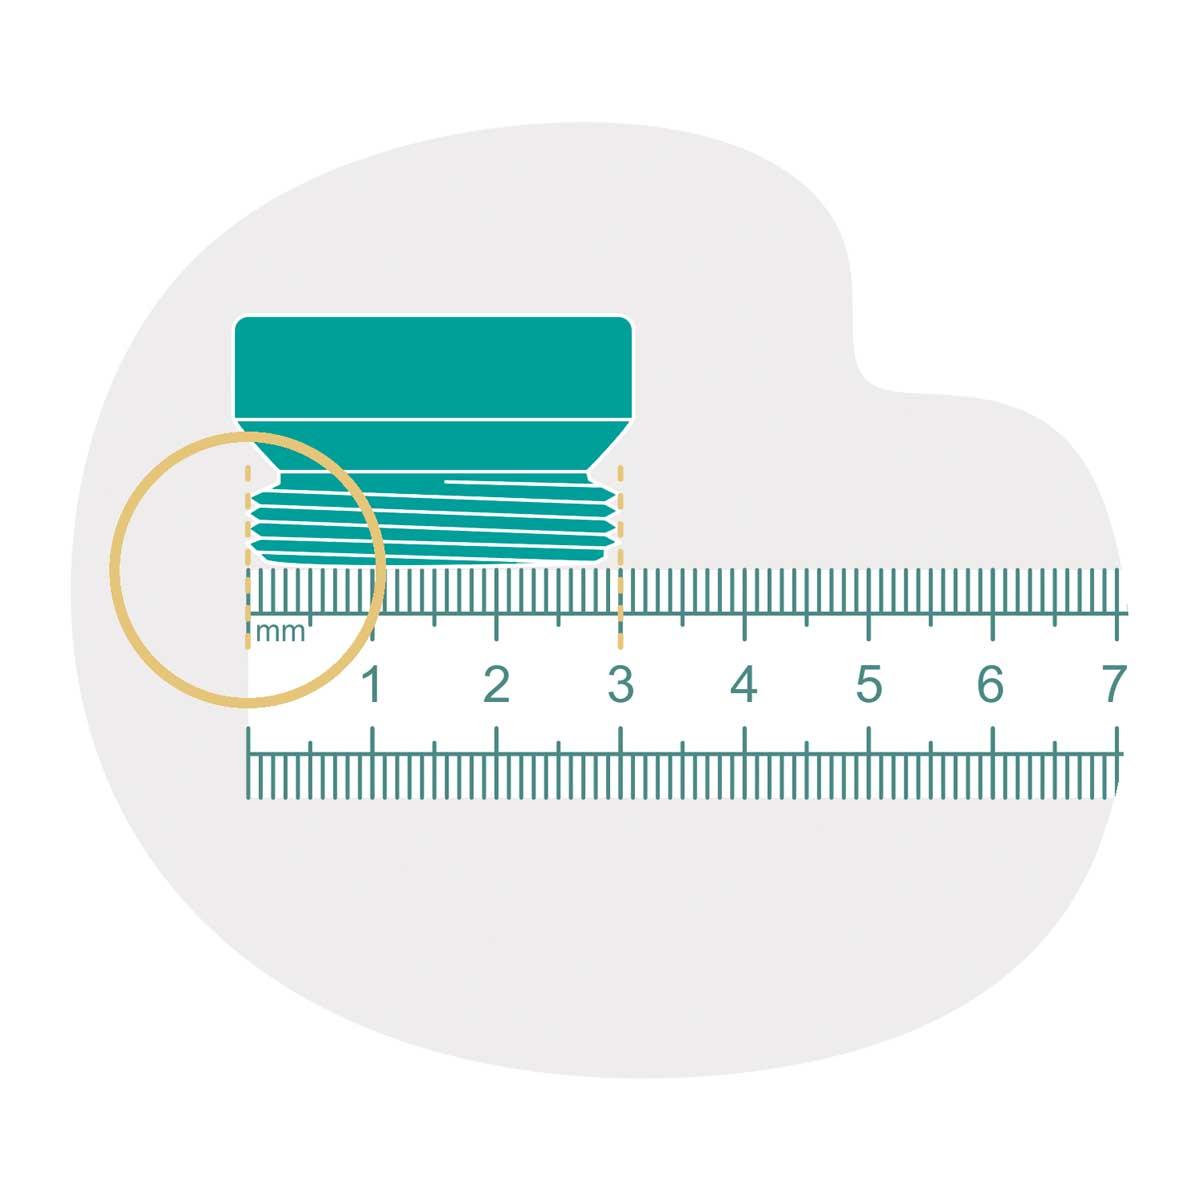 Strahlregler-Aussengewinde-per-Lineal-ermitteln